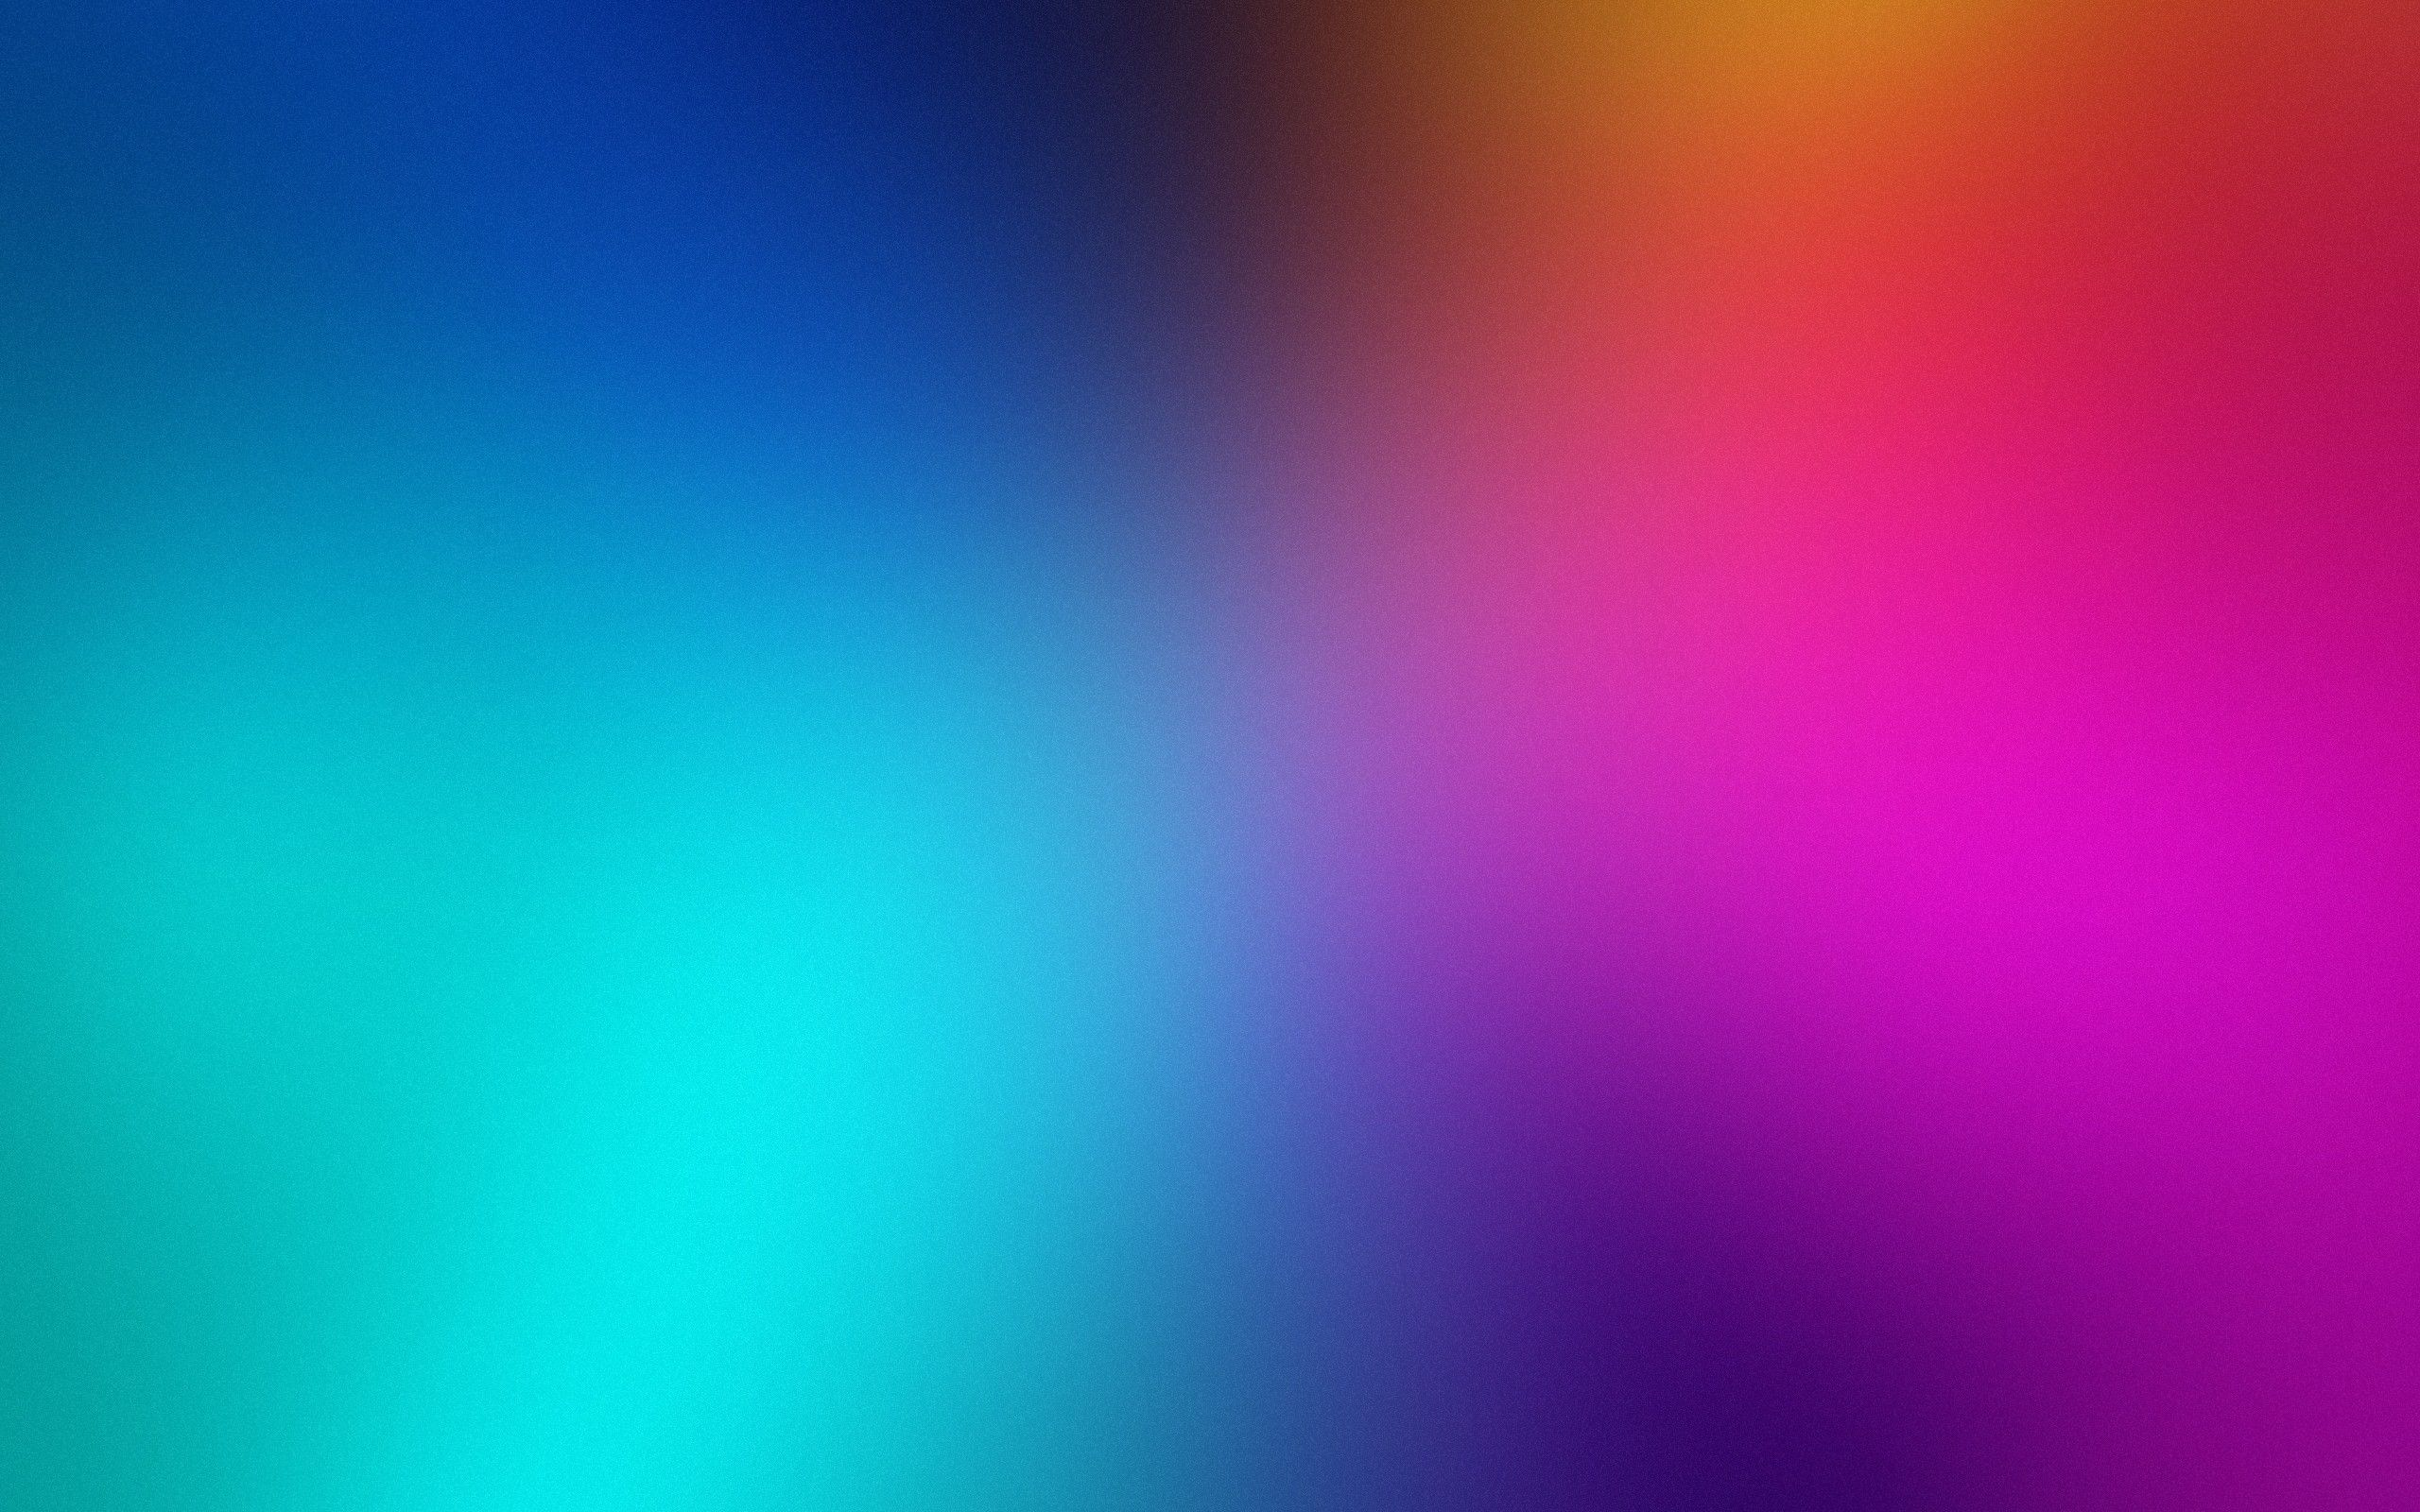 Fondos abstractos de colores para fondo de pantalla en hd for Fondos de pantalla full hd colores